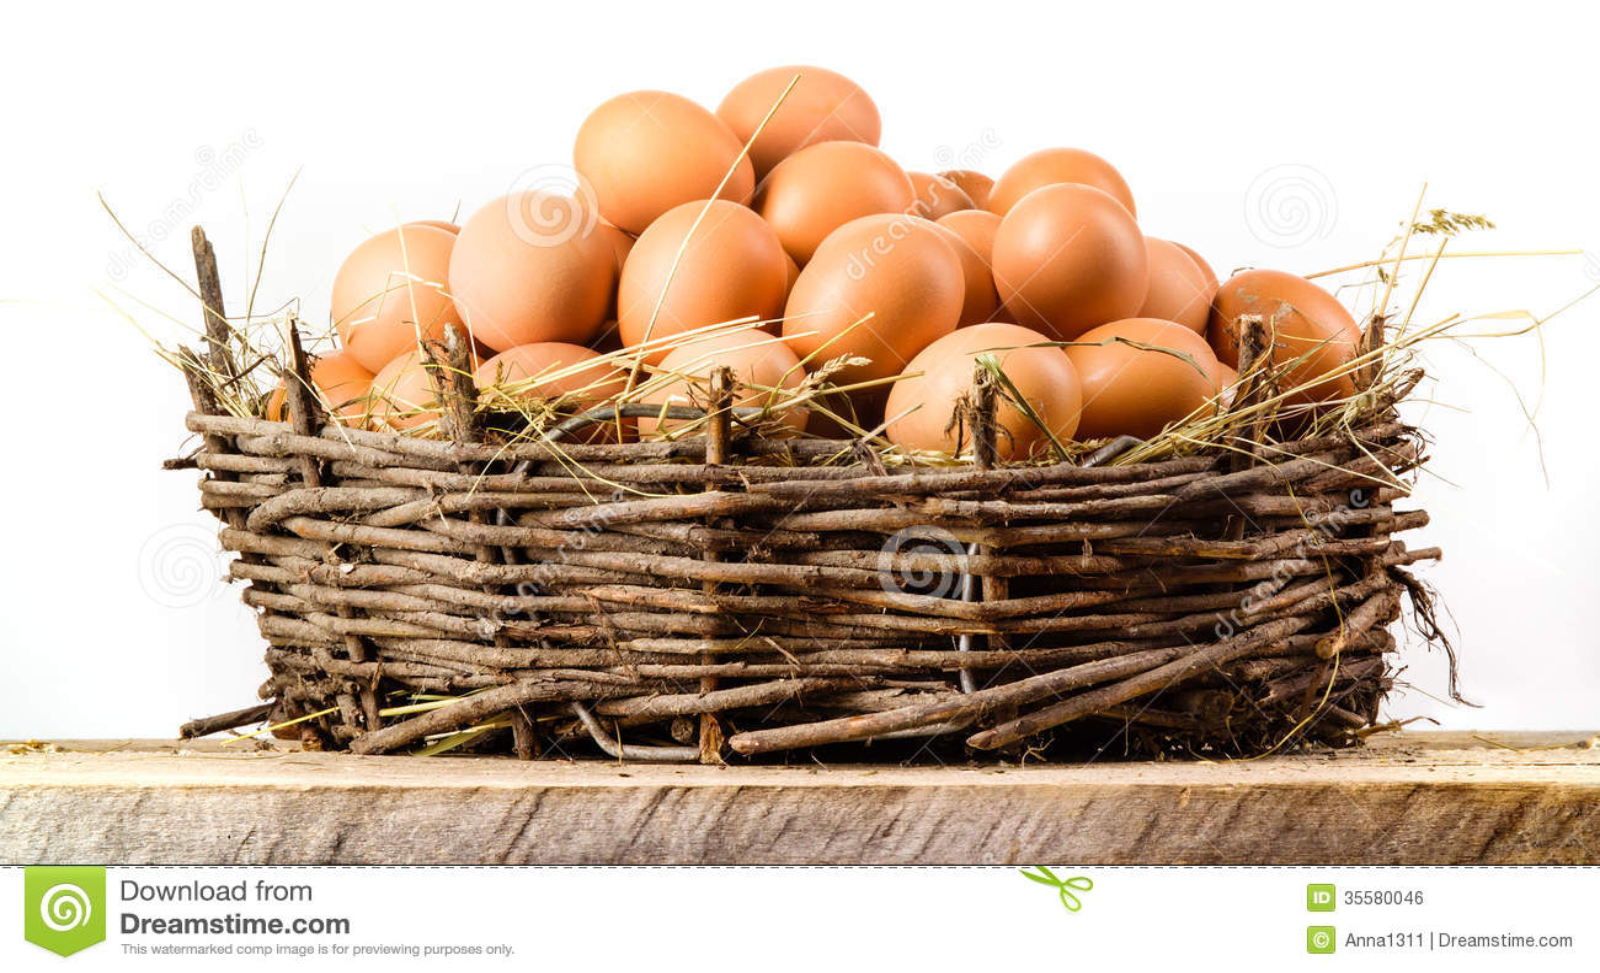 Fega ägg i det isolerade stora redet. Organisk mat